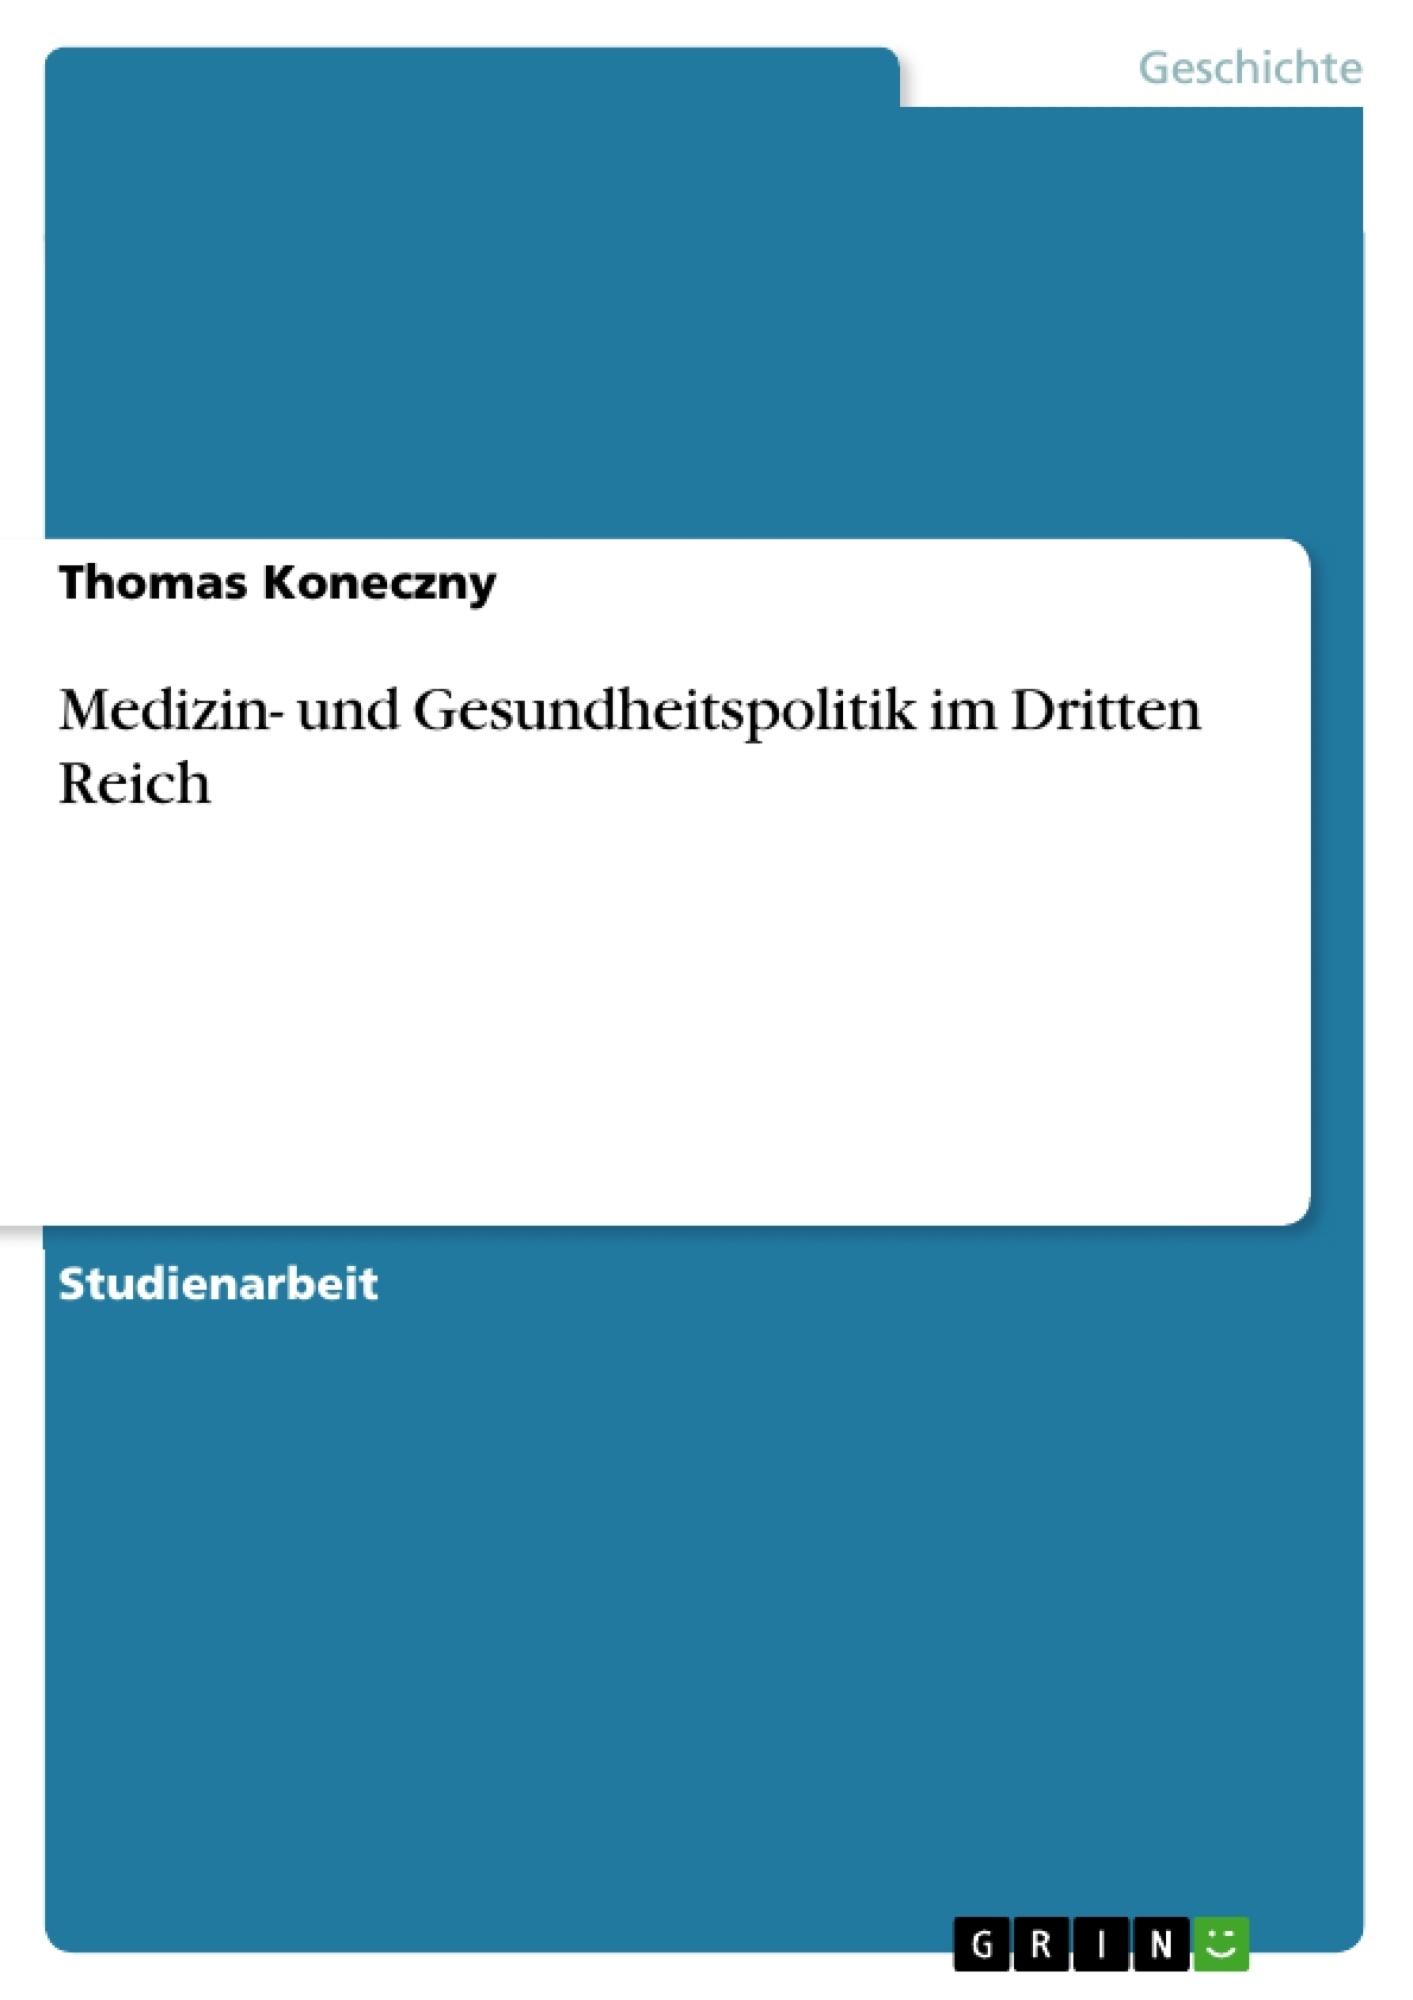 Titel: Medizin- und Gesundheitspolitik im Dritten Reich